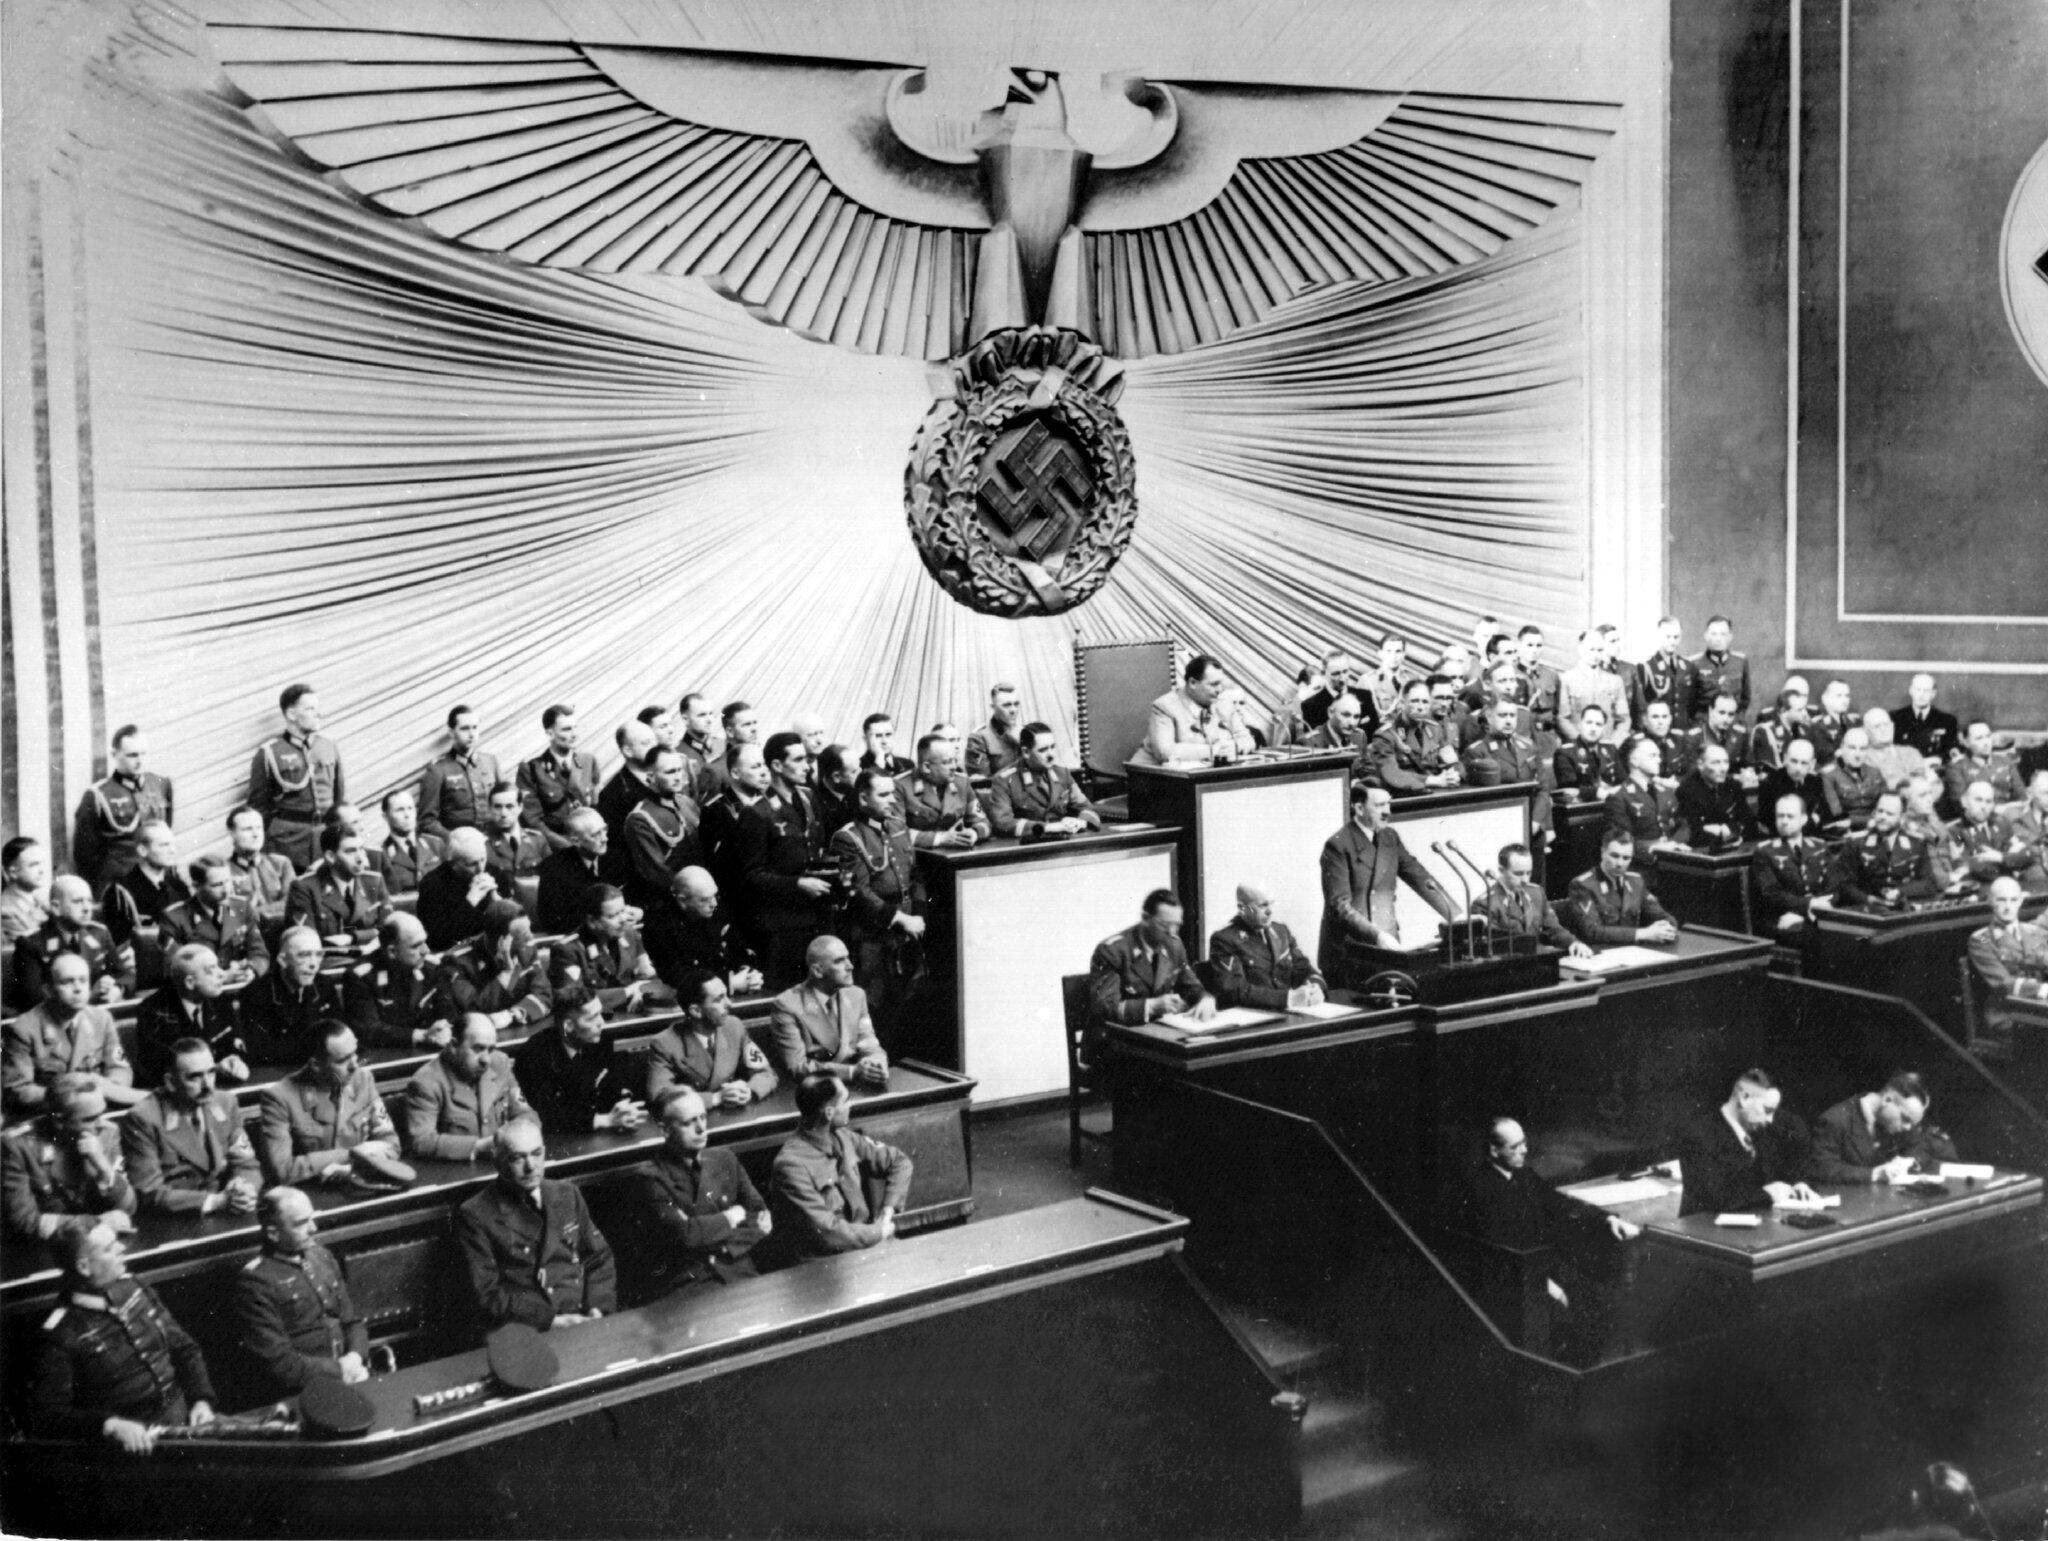 Bild zu zu dpa-Story: 80 Jahre nach Beginn des Zweiten Weltkriegs